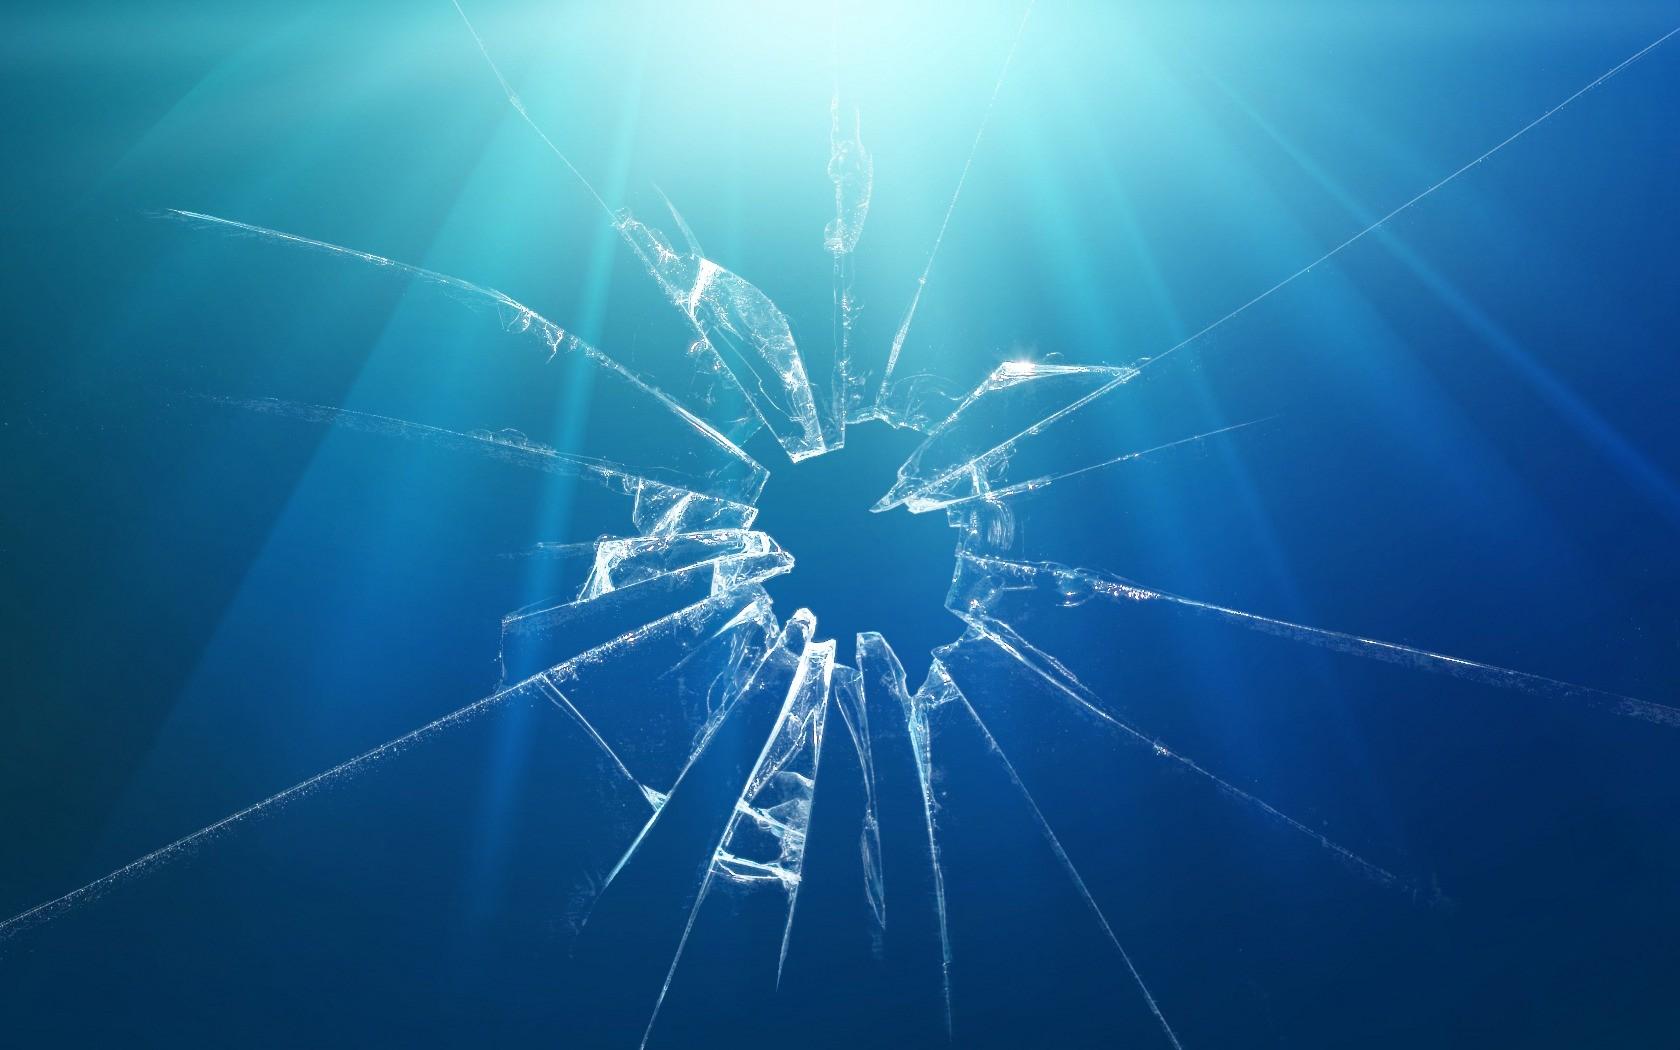 автором некоторых на экране ноутбука картинка разбитого стекла деньги около года